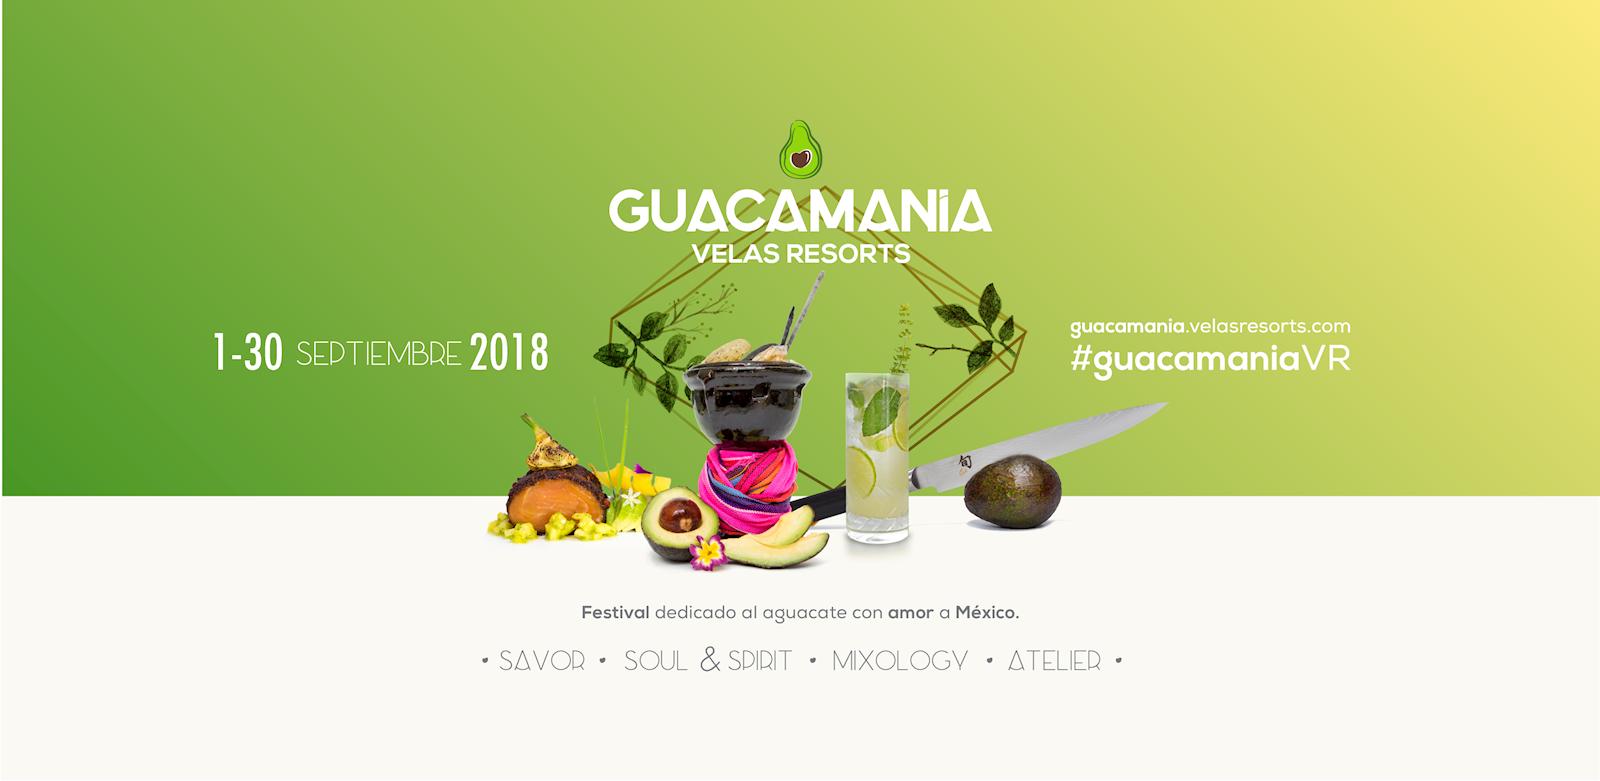 Festival Guacamania at Gand Velas Riviera Nayarit